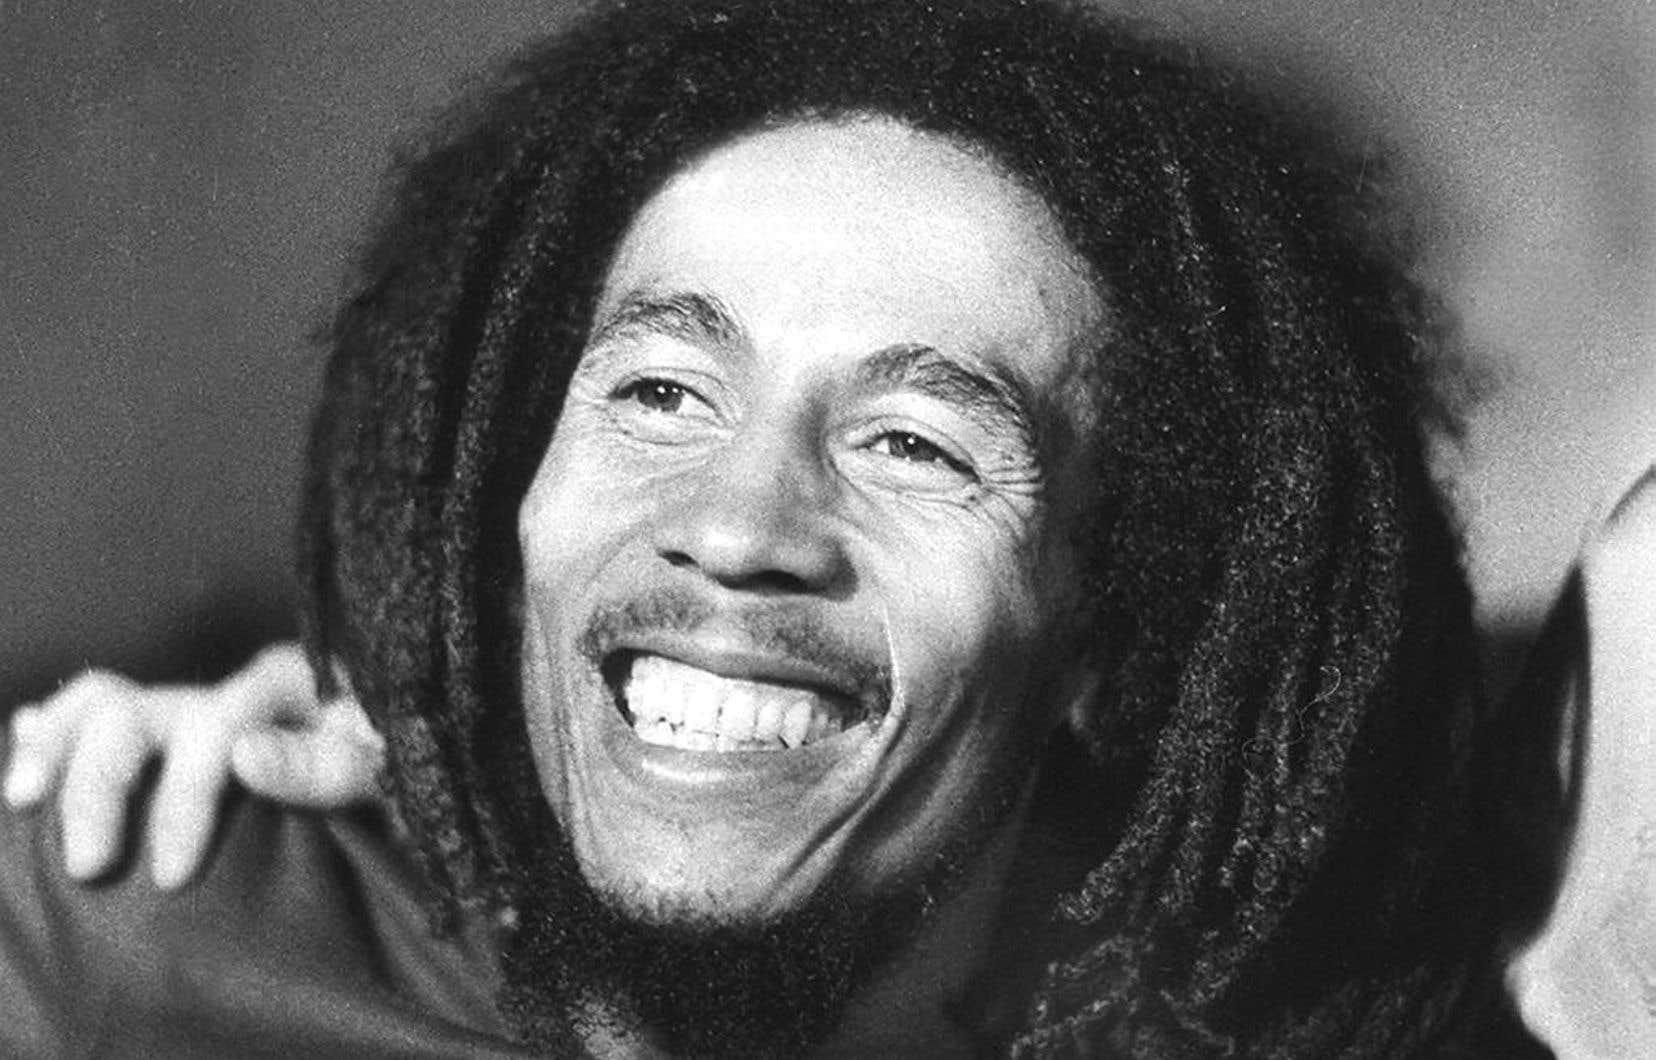 Bob Marley, icône de la musique reggae, en 1976